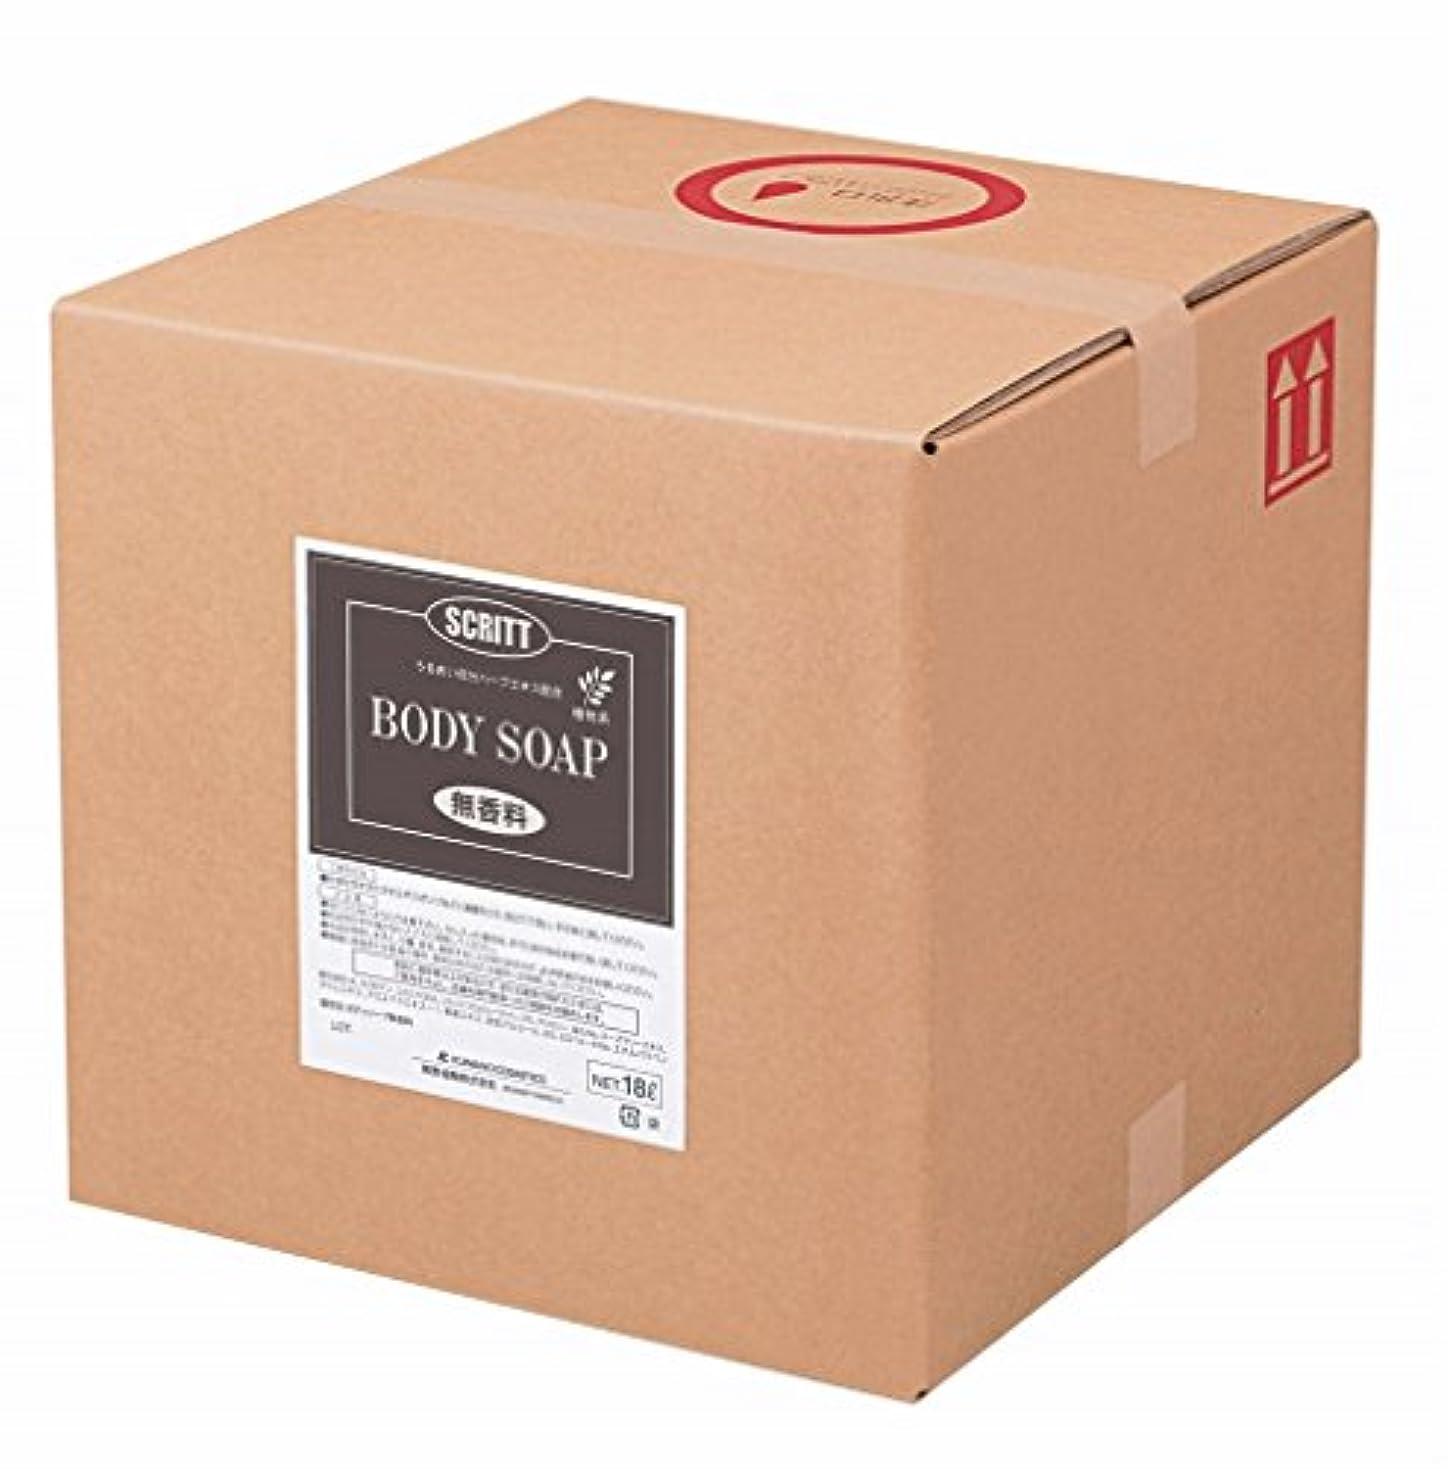 燃やす光の衝突コース熊野油脂 業務用 SCRITT(スクリット) 無香料ボディソープ 18L